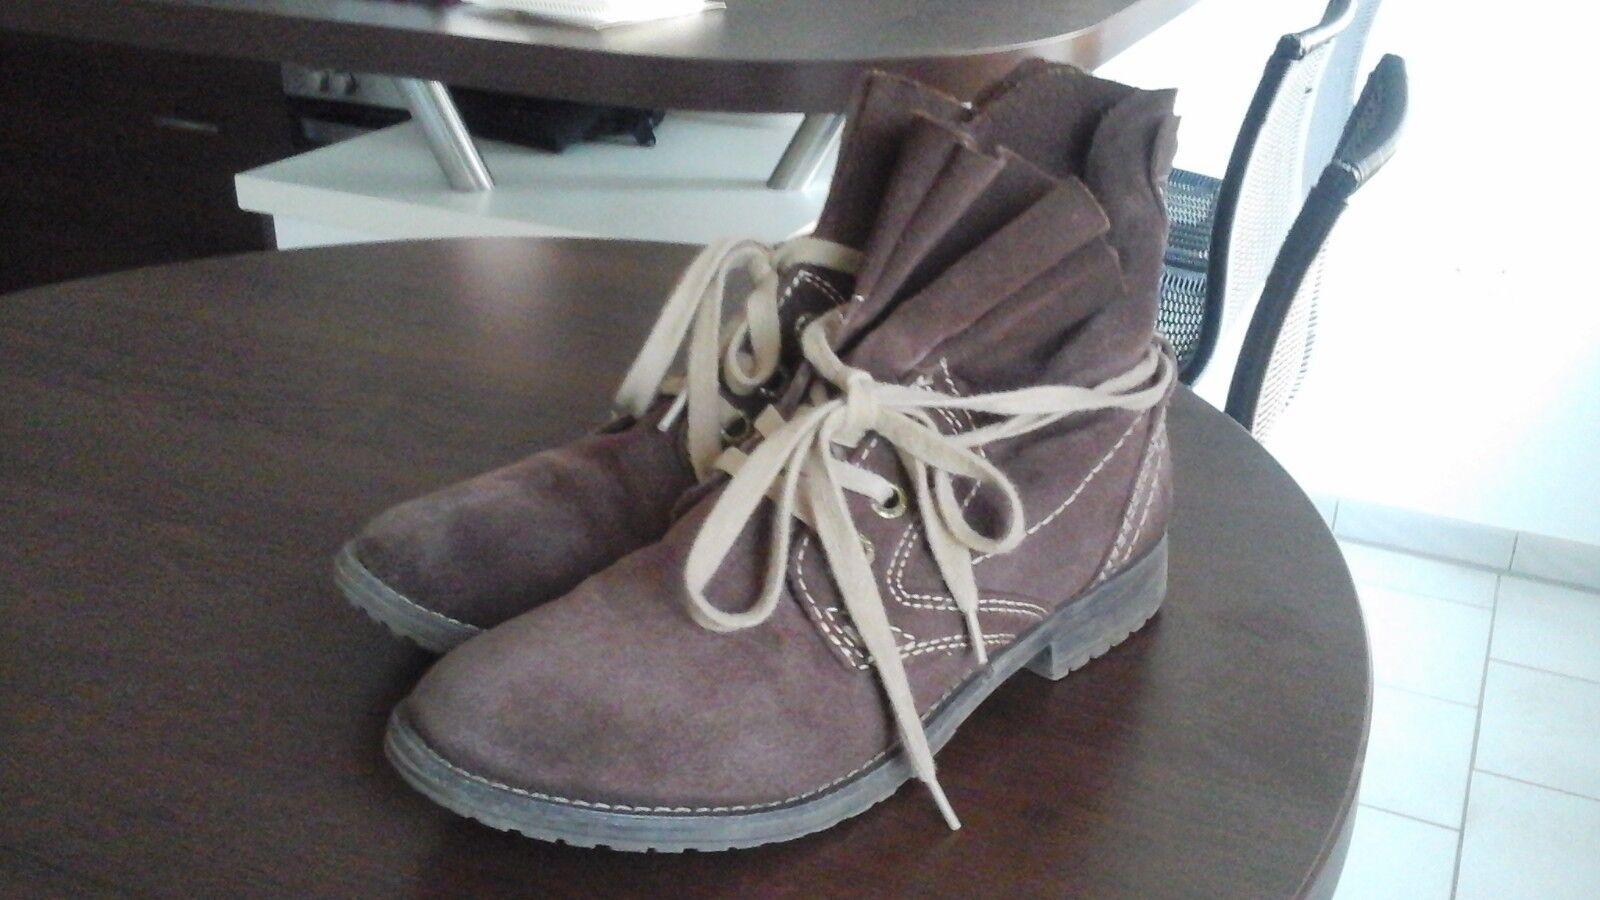 Tolle Leder Mädchen  Damen Schuhe von Marco Tozzi in der Größe 37 TOP